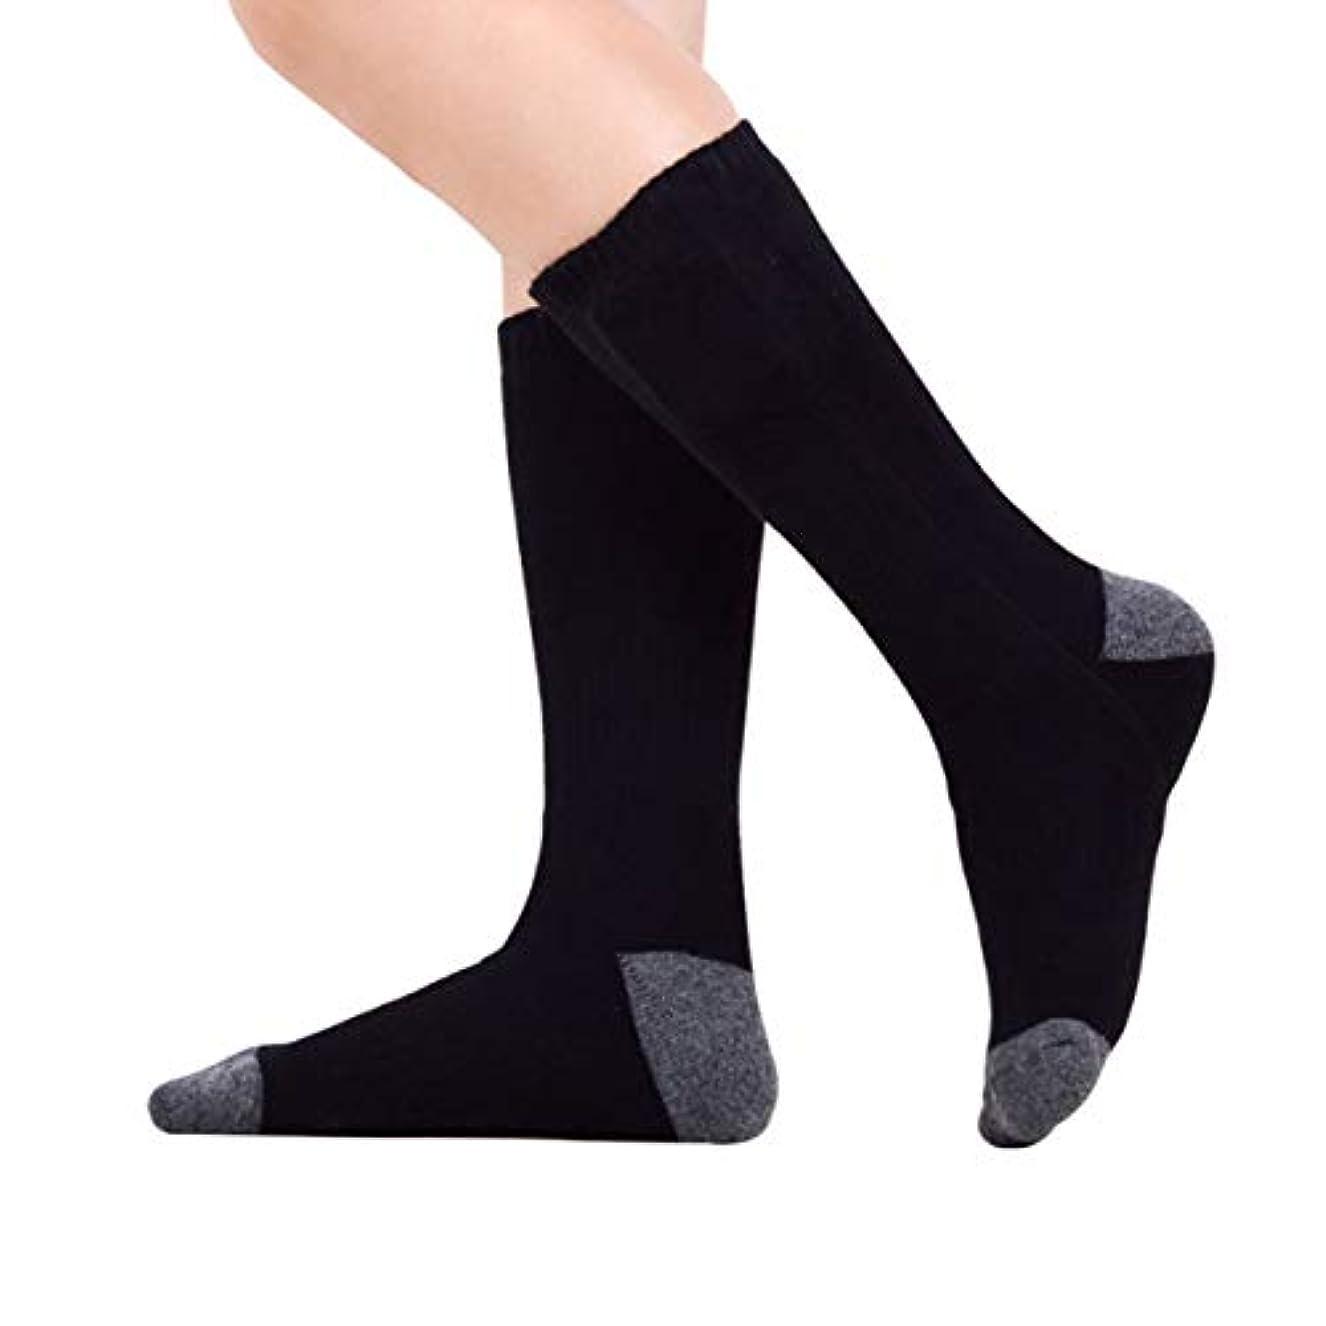 インストール別れるカール温度調節可能なリチウム電池暖かい靴下を加熱する男性と女性を加熱する暖かい靴下を充電する暖かいホットソックス-ブラック